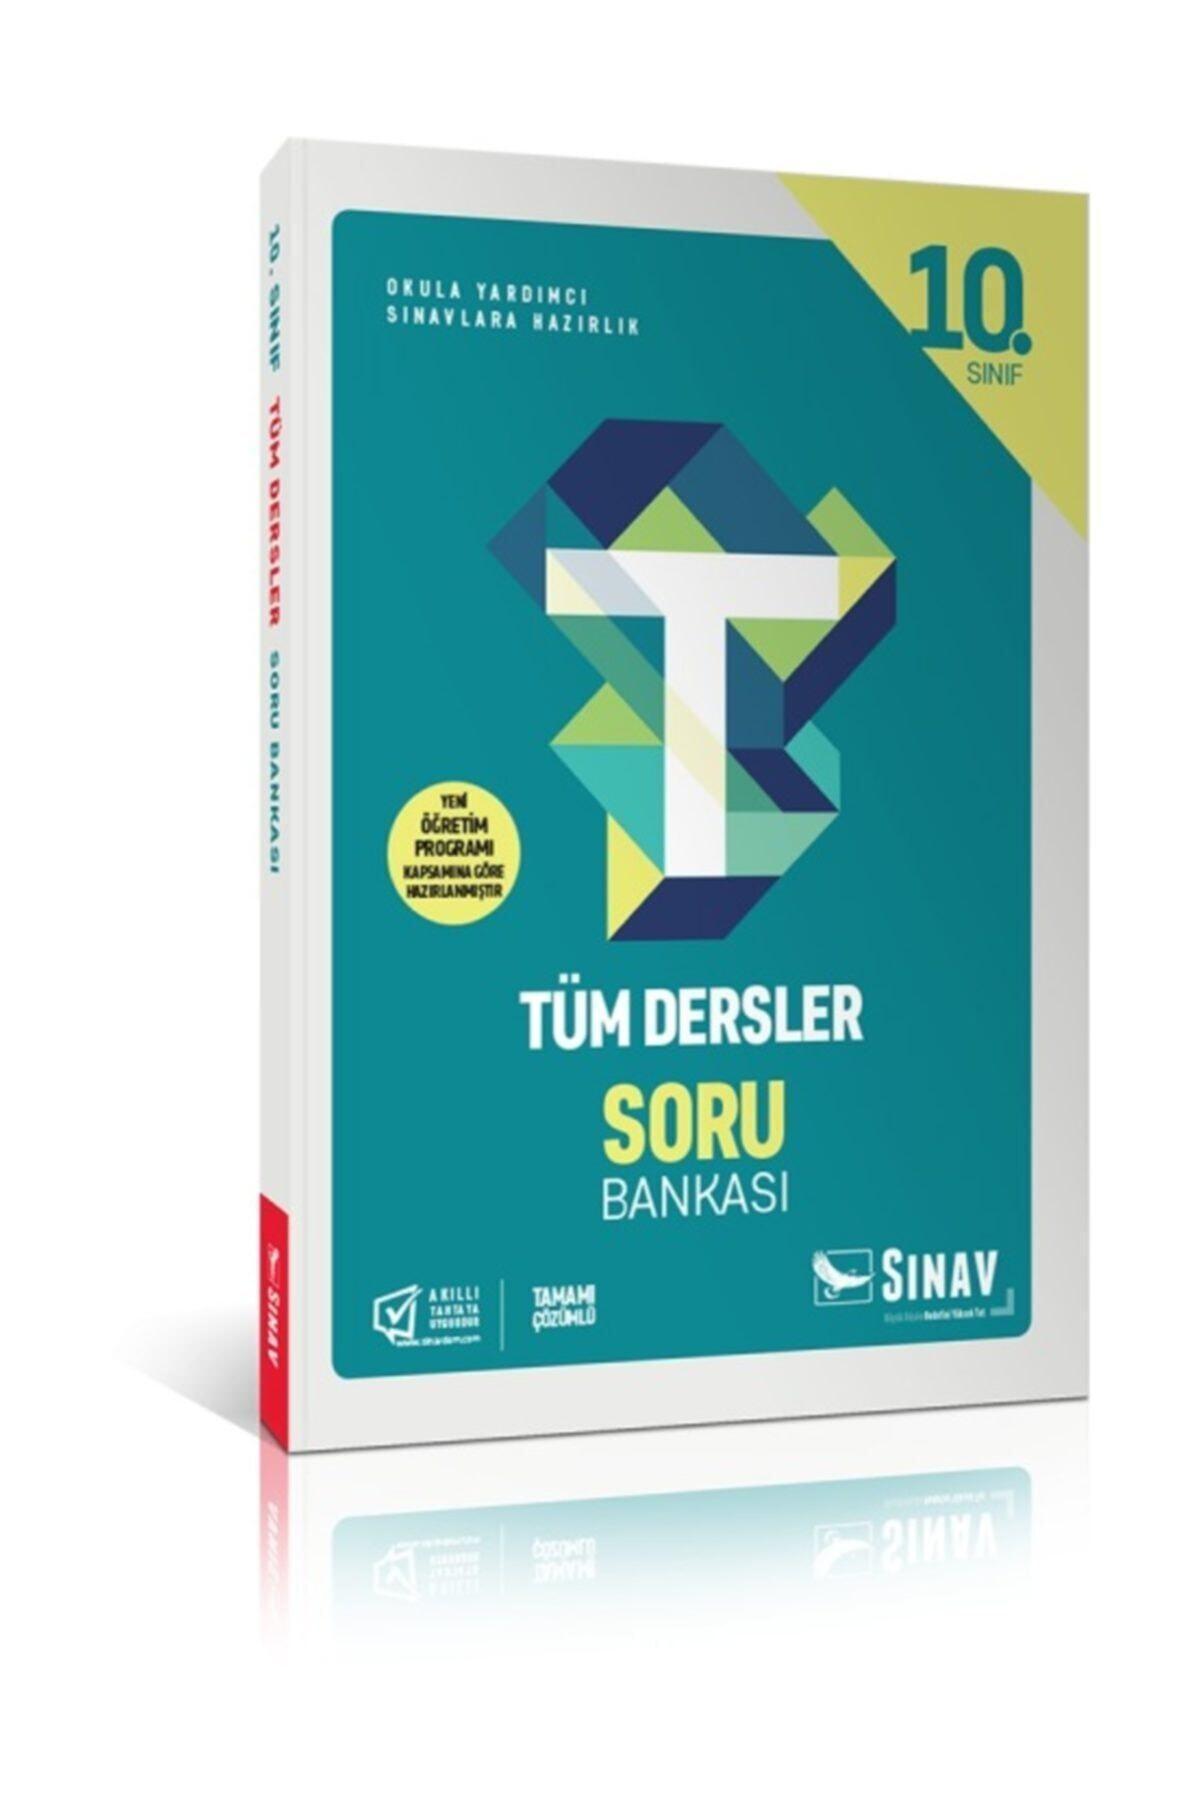 Sınav Yayınları Sınav 10.sınıf Tüm Dersler Soru Bankası 1